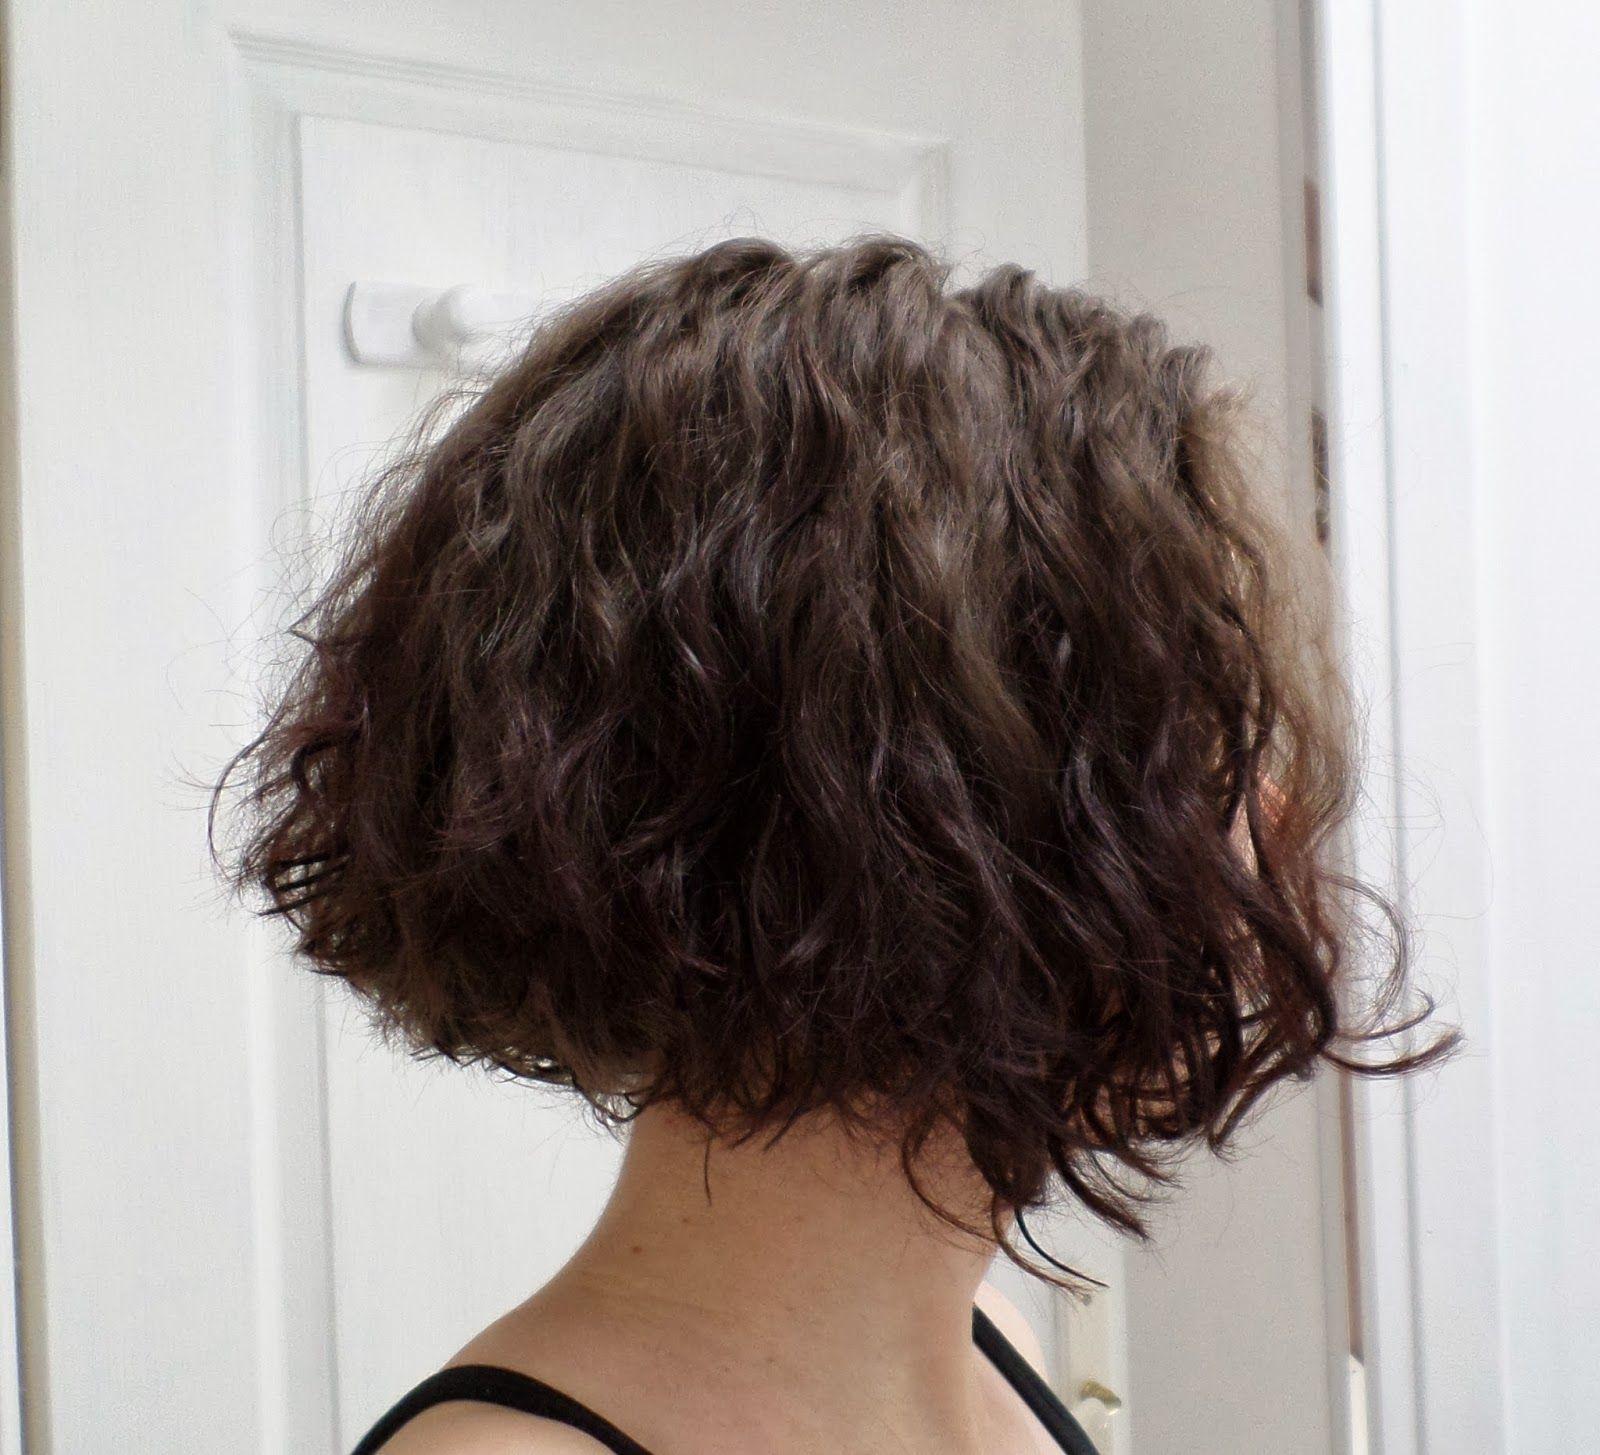 Épinglé par Marine Ducrocq sur Coupe de cheveux en 2020 (avec images) | Cheveux carré, Idées de ...